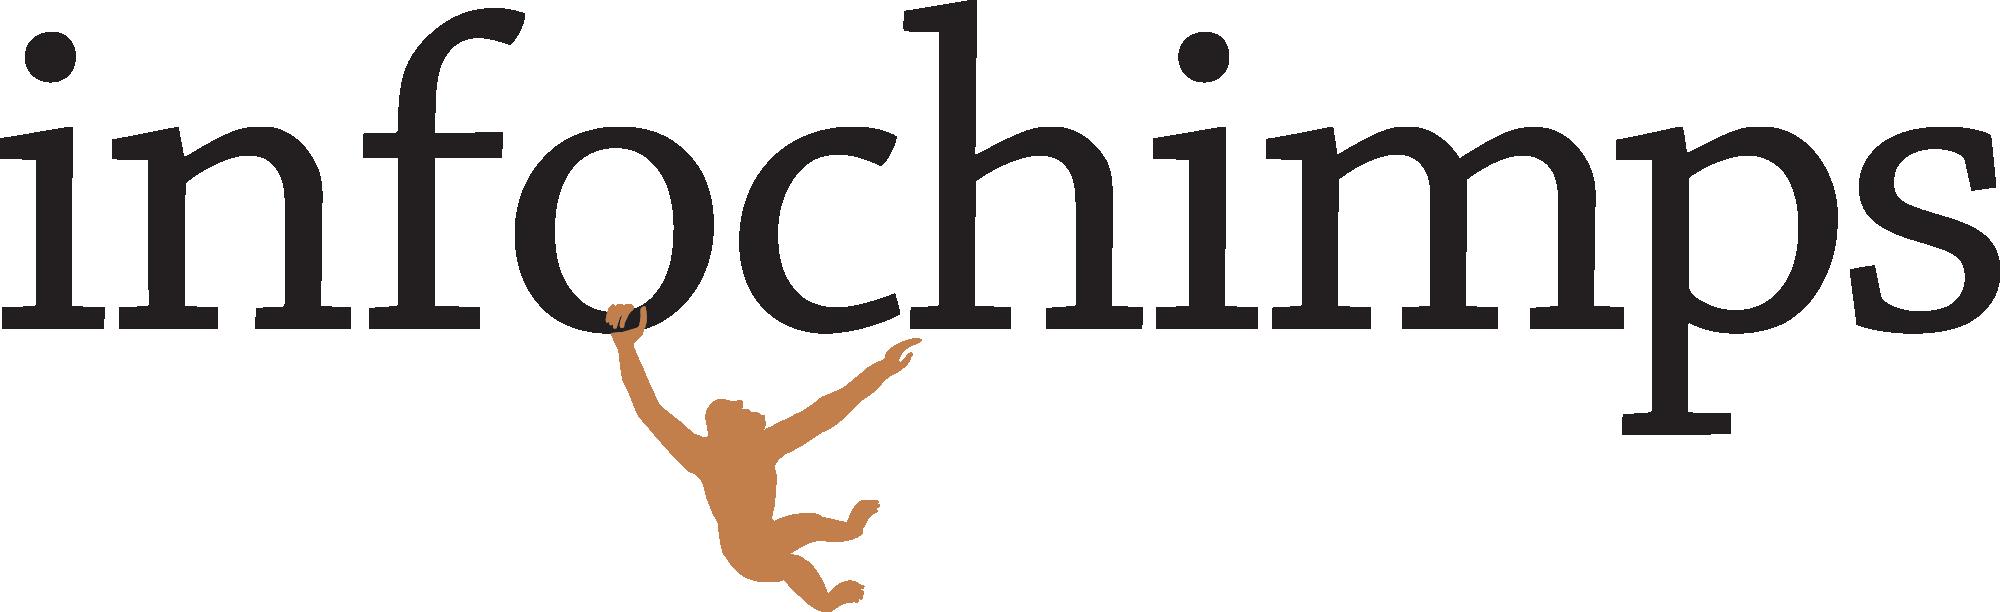 543458c78c42174c76dce4b2_infochimps-logo-20003.png